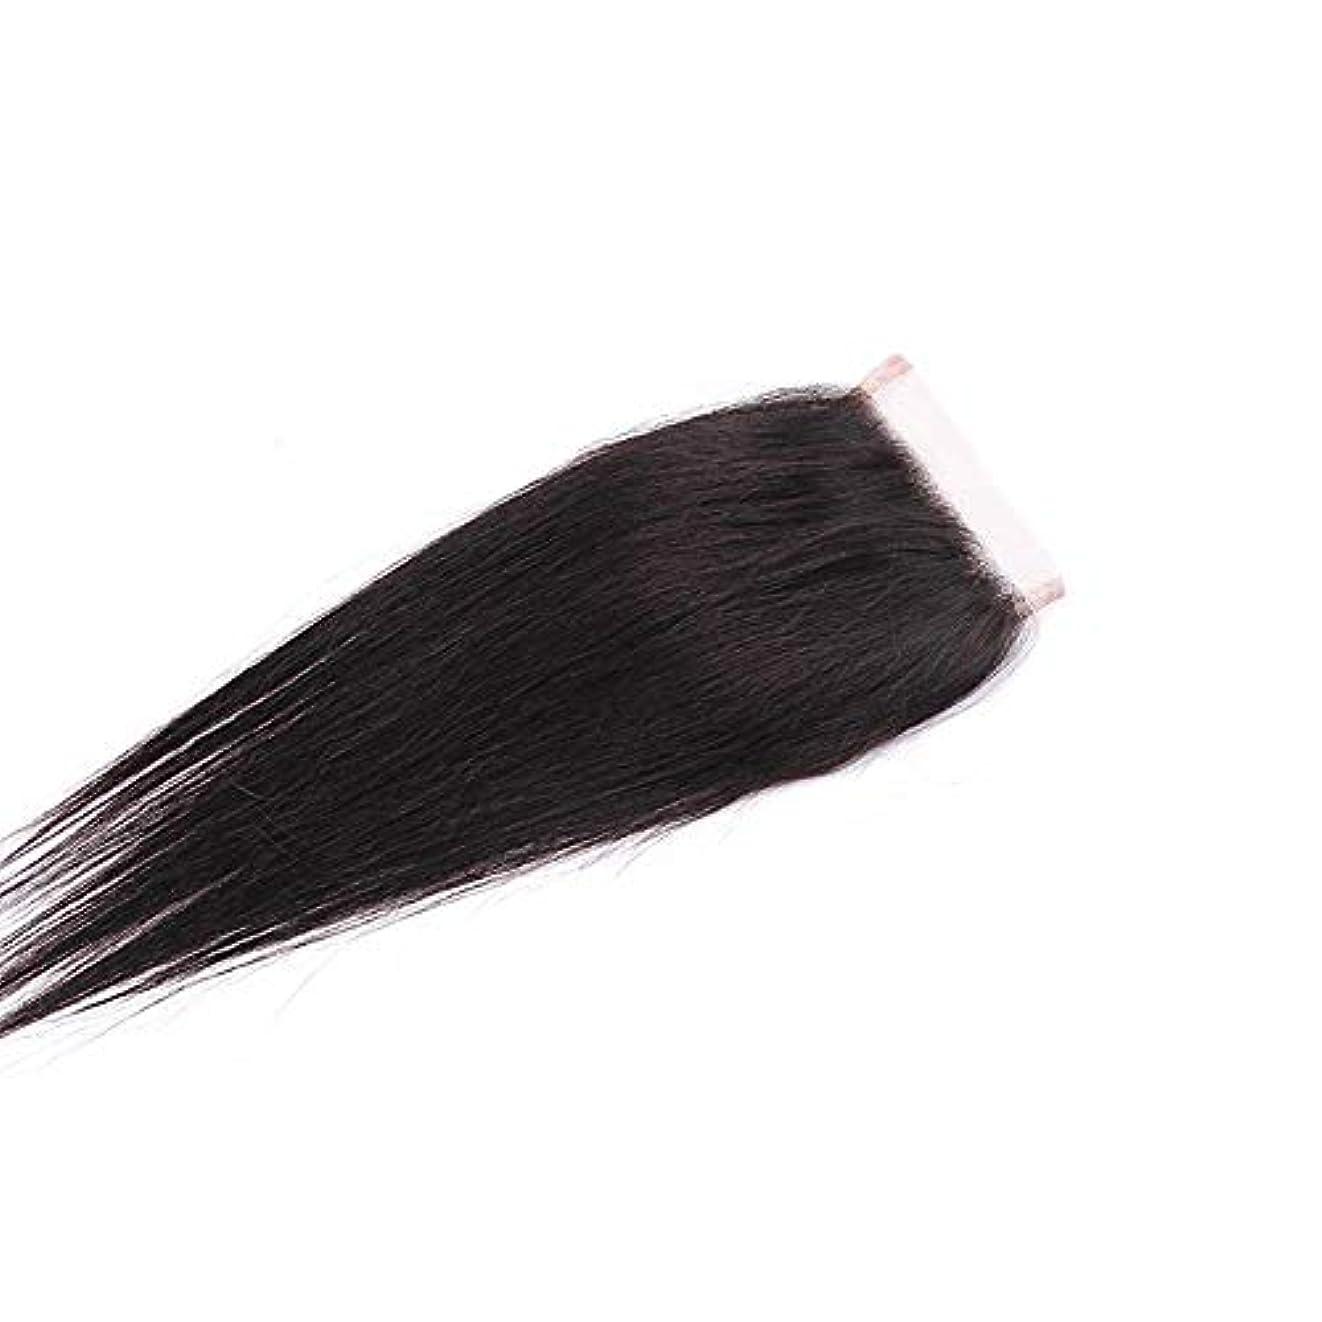 リンク牛肉順応性WASAIO Unloosenパートレースフロンタル閉鎖Unbowedヘアエクステンションクリップのシームレスな髪型ブラジルの人間4「X4」トップナチュラルカラー (色 : 黒, サイズ : 14 inch)